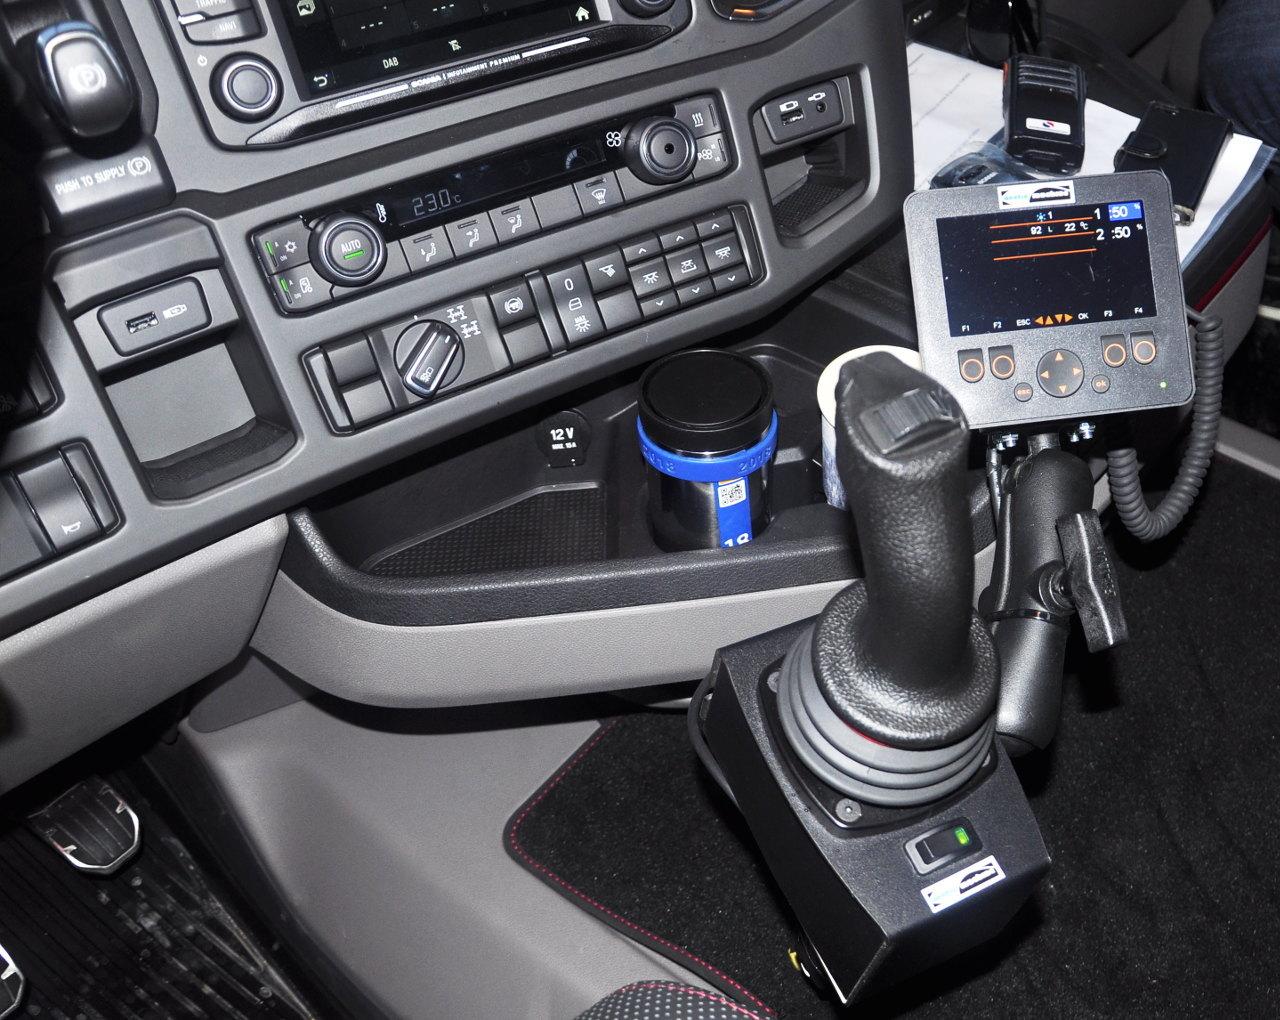 Ezzel a joystick-karral egyszerűen állítható a hótolólap magassága és a menetiránnyal bezárt szöge. Az automatikus funkció használatakor szépen leköveti a göröngyös út profilját a tolólap, hogy mindenhol megfelelően eltakarítsa az utat